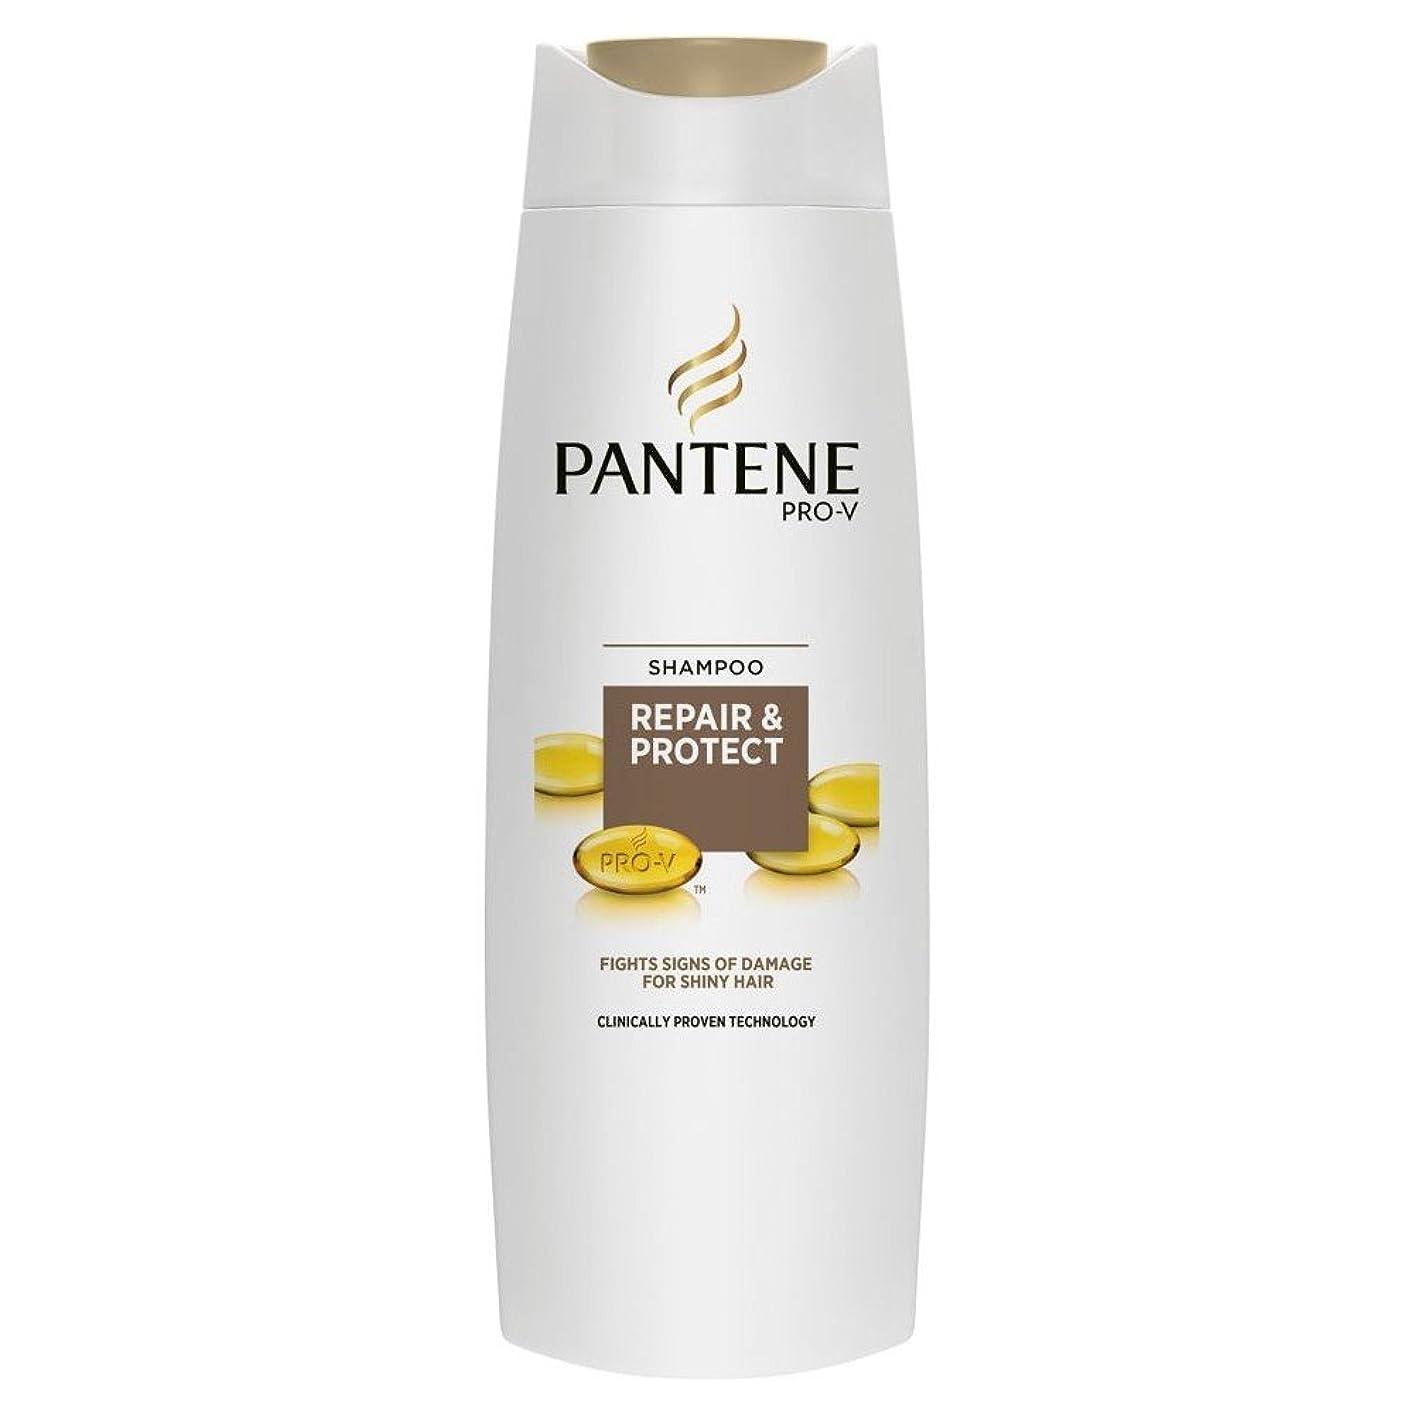 ポテト笑い密接にPantene Pro-V Repair & Protect Shampoo (250ml) パンテーンプロvの修理やシャンプーを保護( 250ミリリットル) [並行輸入品]